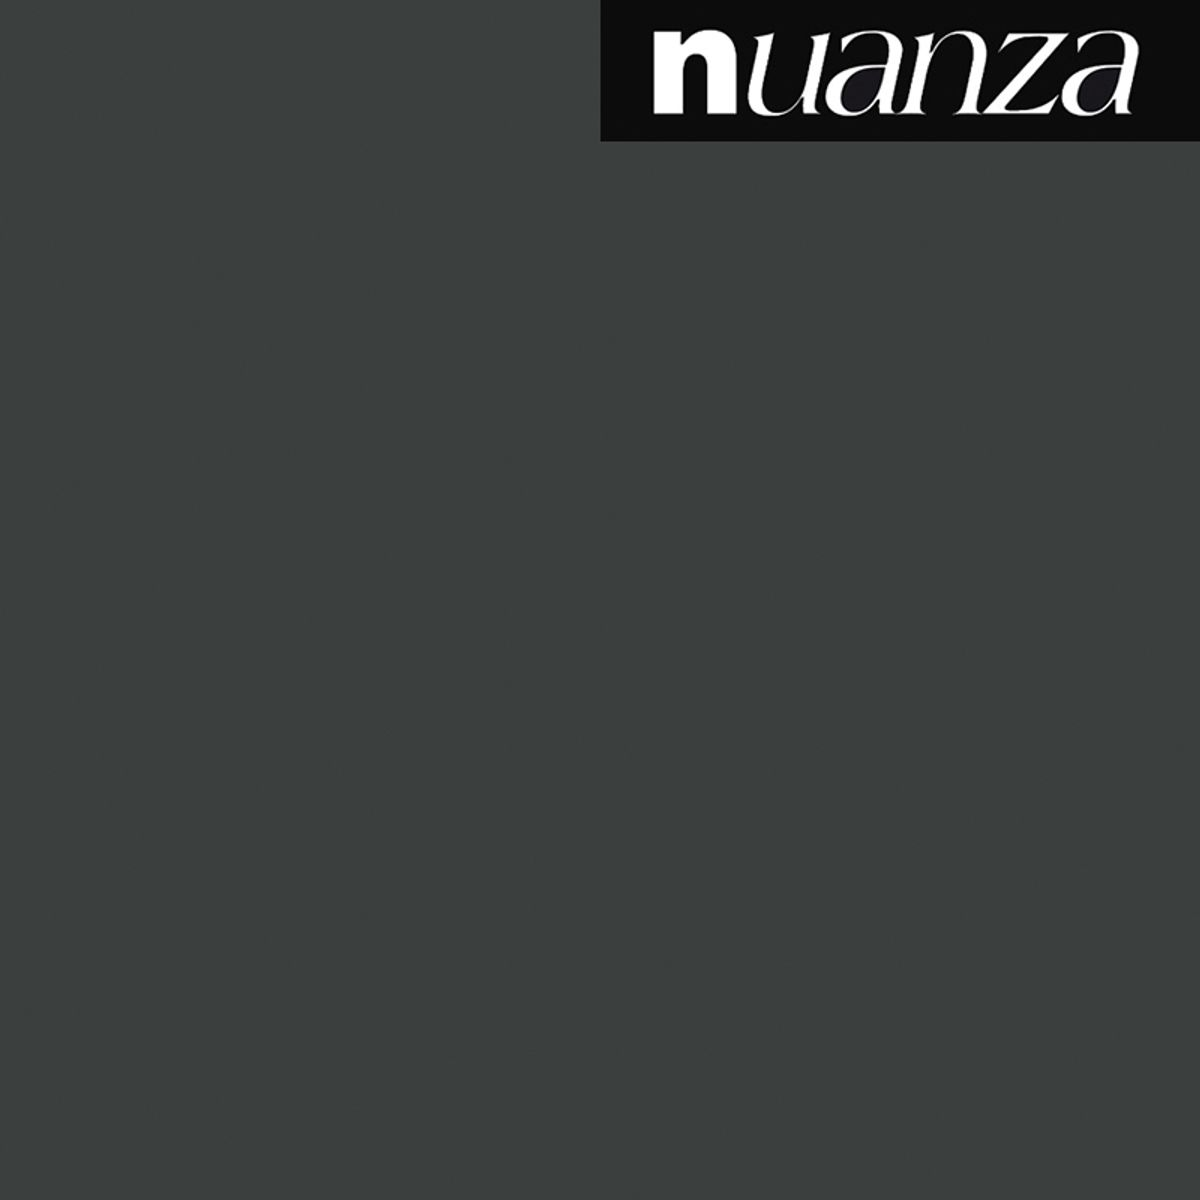 Peinture noir mat multi supports Nuanza 2.5l